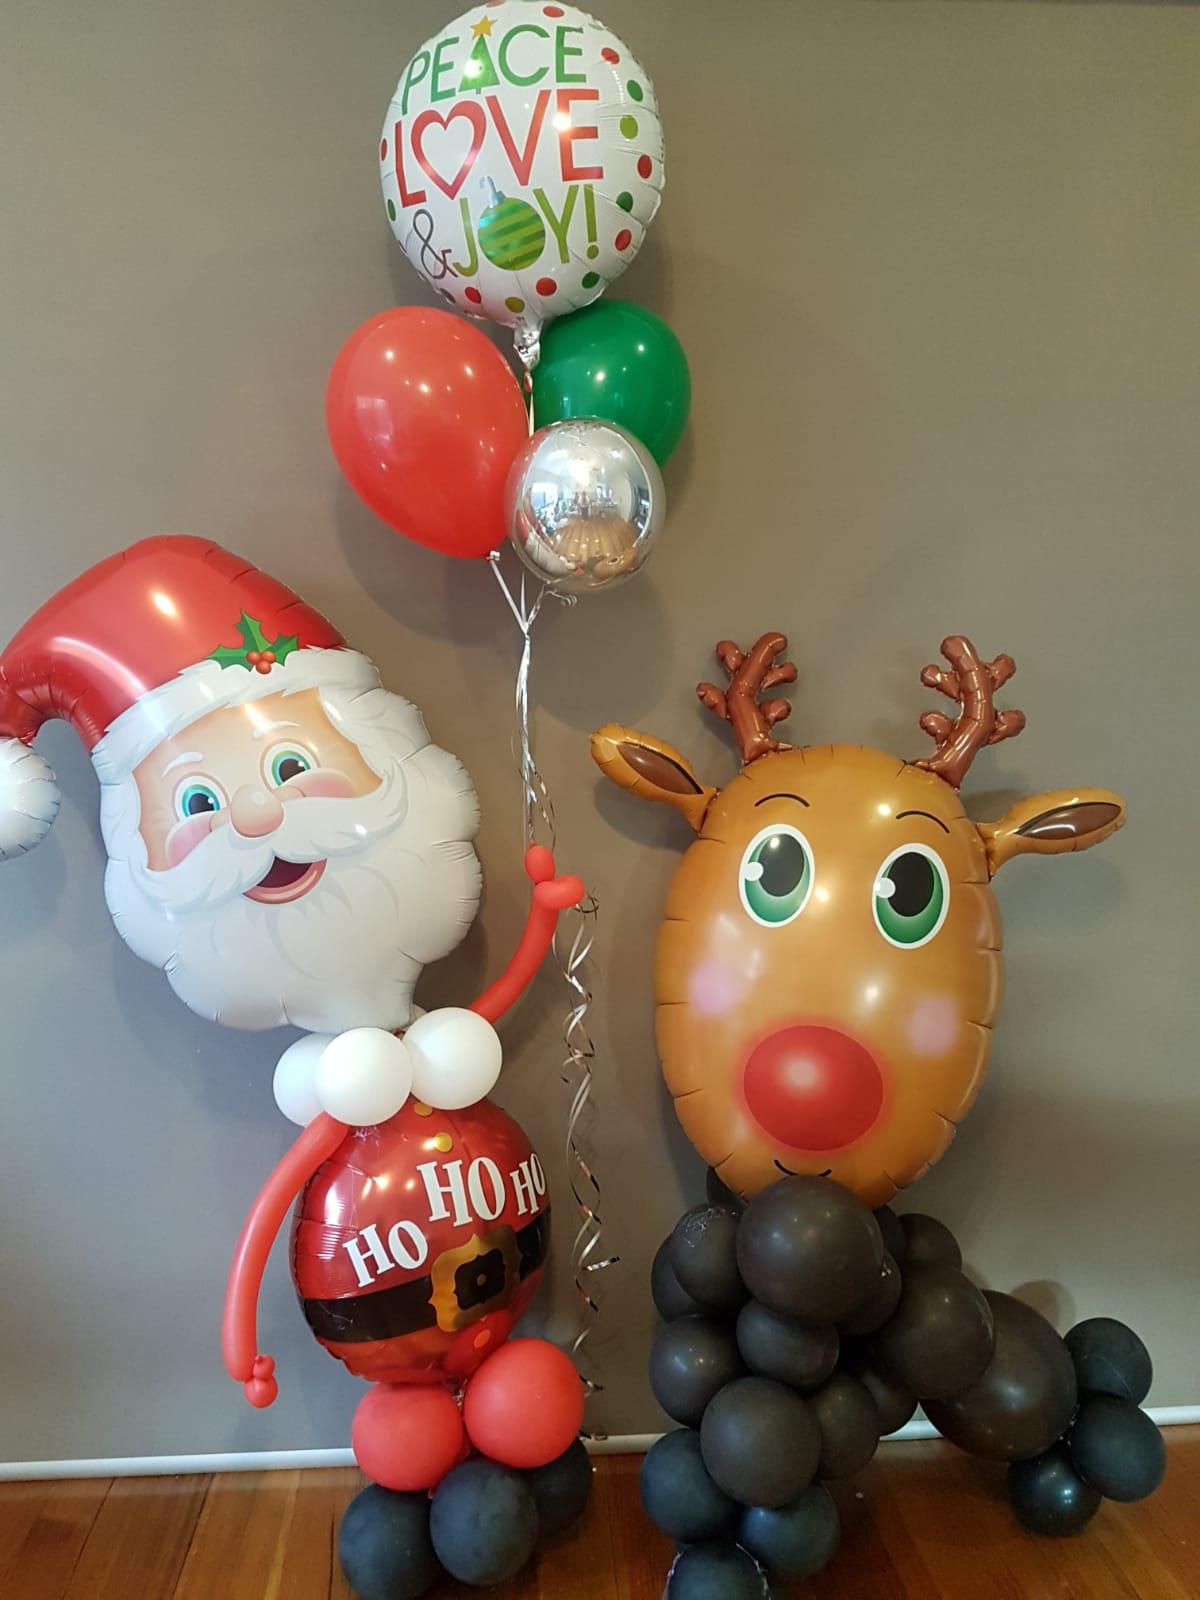 Festive Season Balloons 2